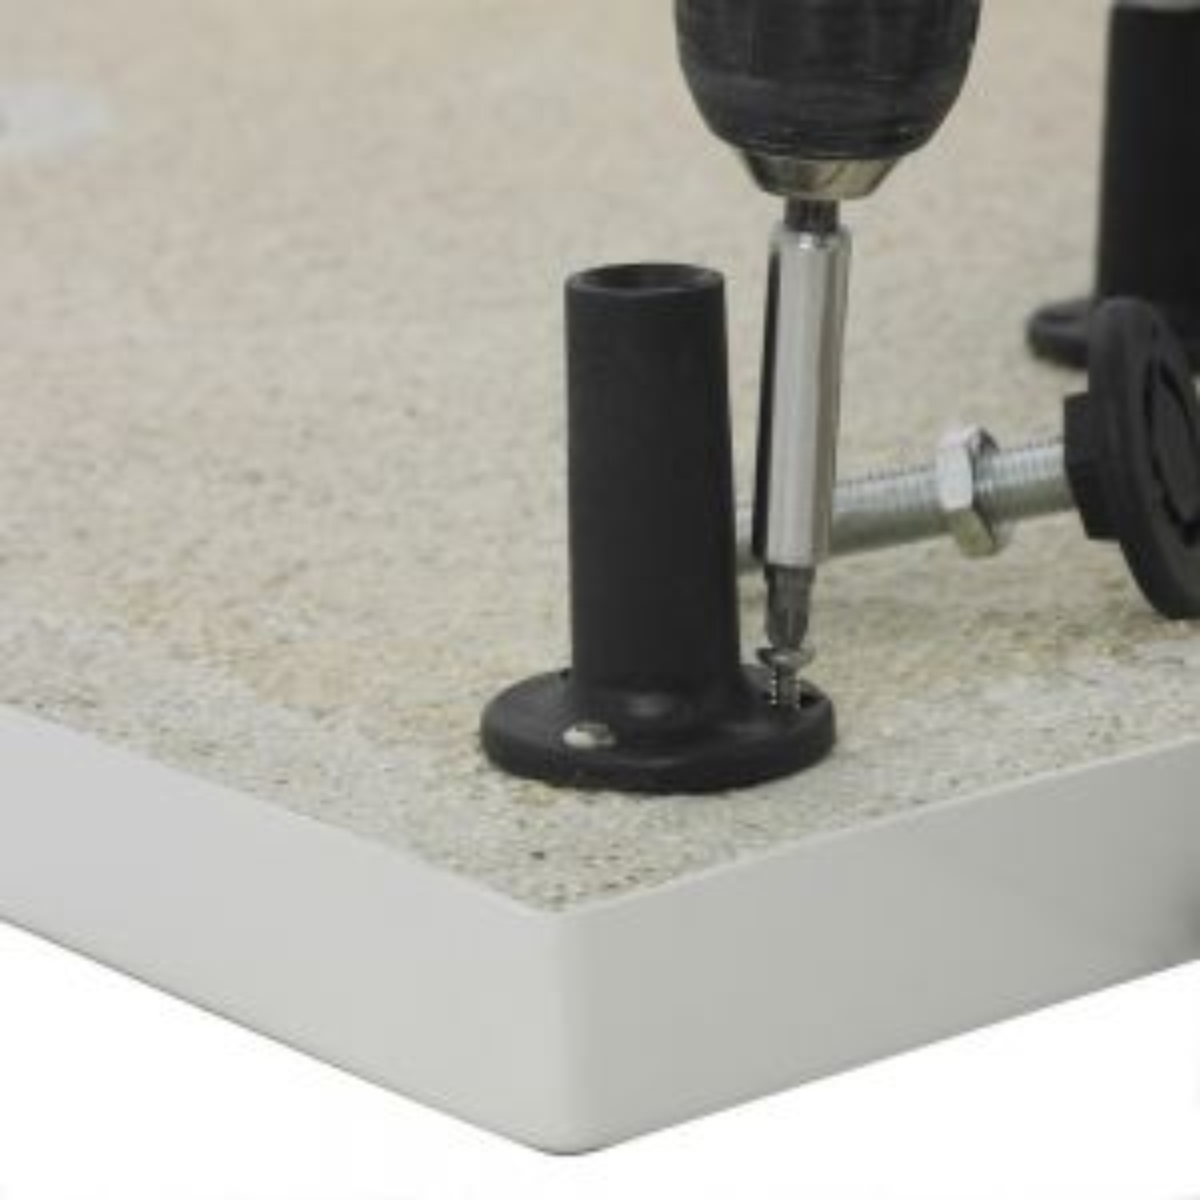 Premier Pearlstone Riser Shower Tray Riser Kit 700 - 1000mm Fitting